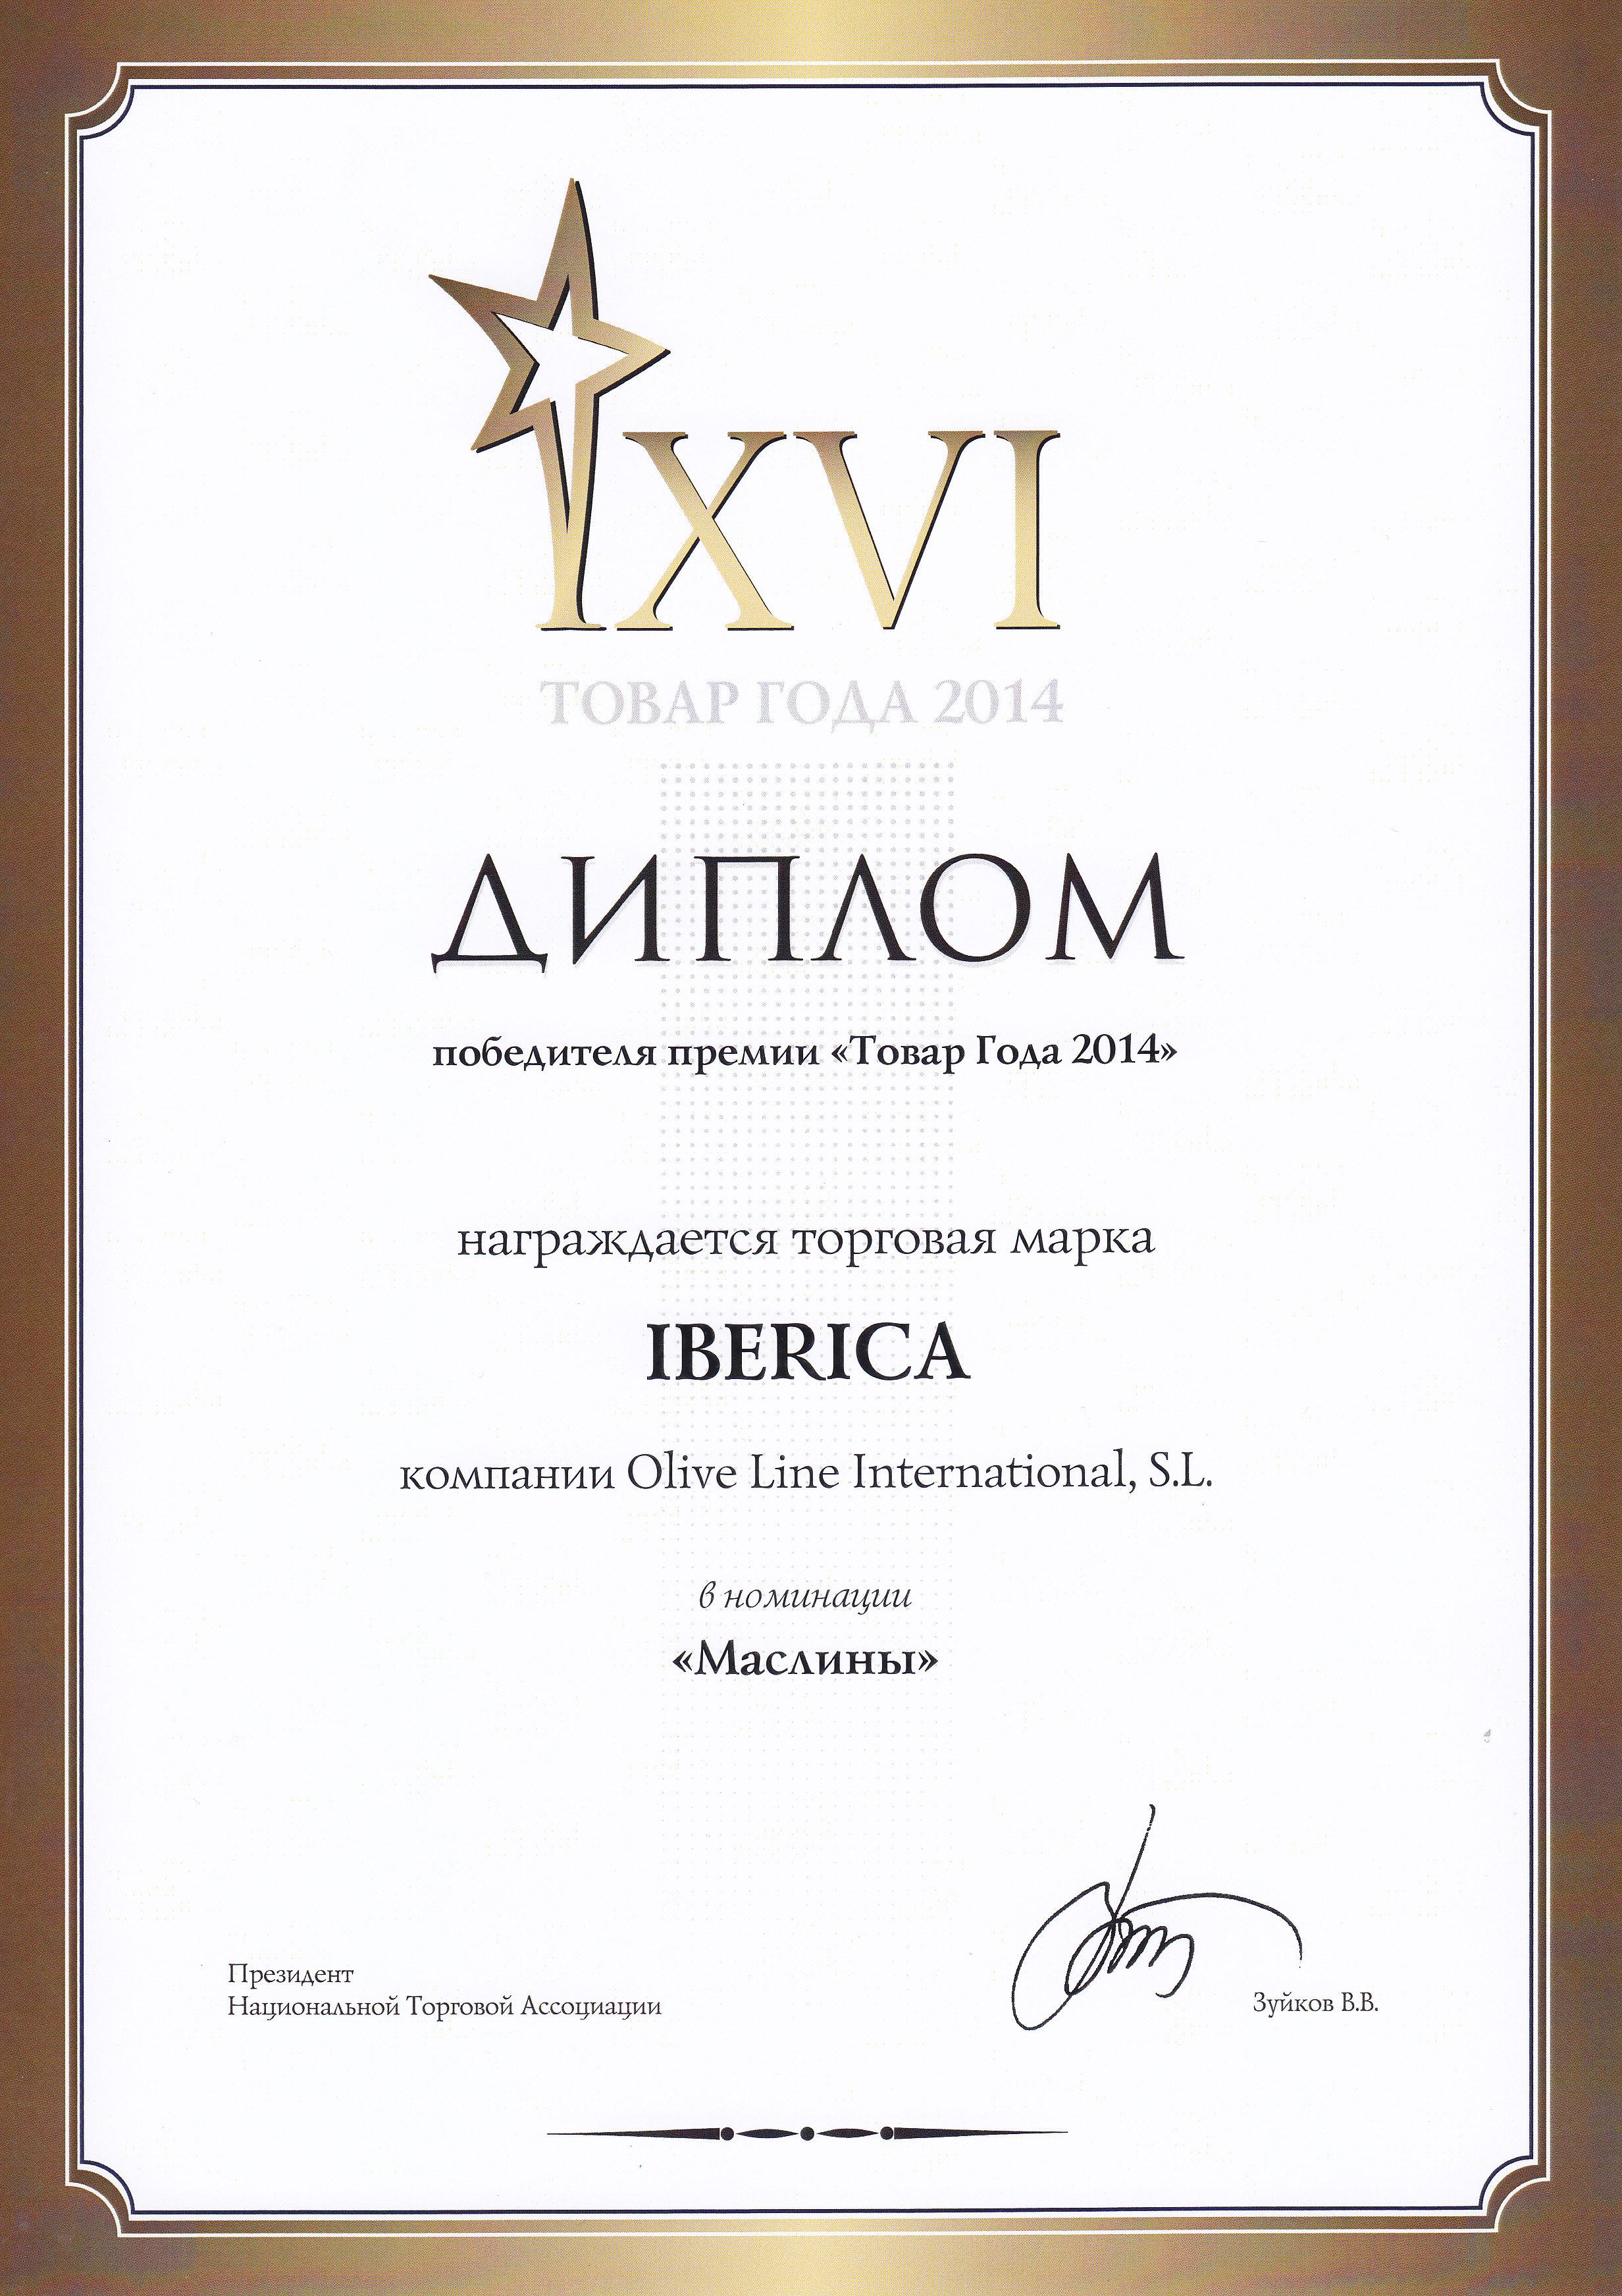 Диплом товар года 2014